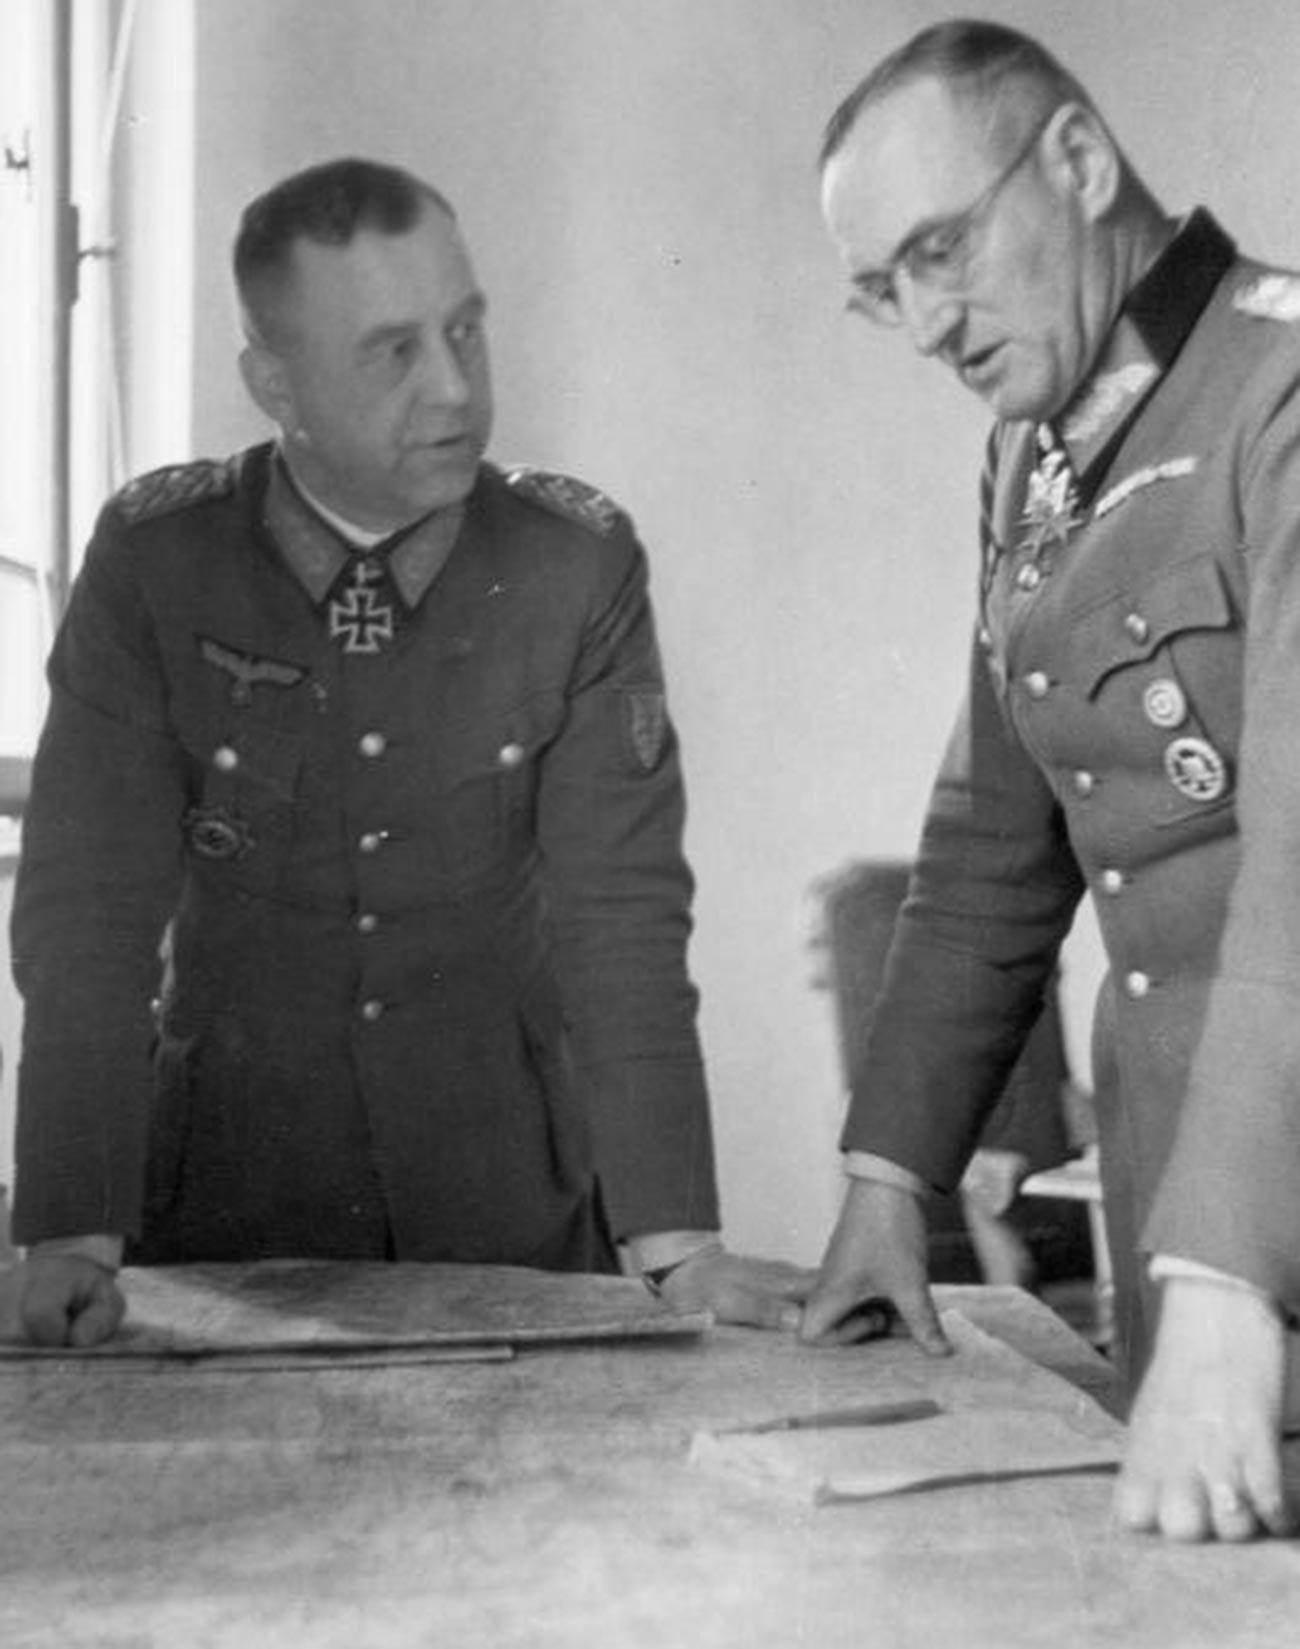 Ото Велер (лево) и Фердинанд Шернер, 1944.